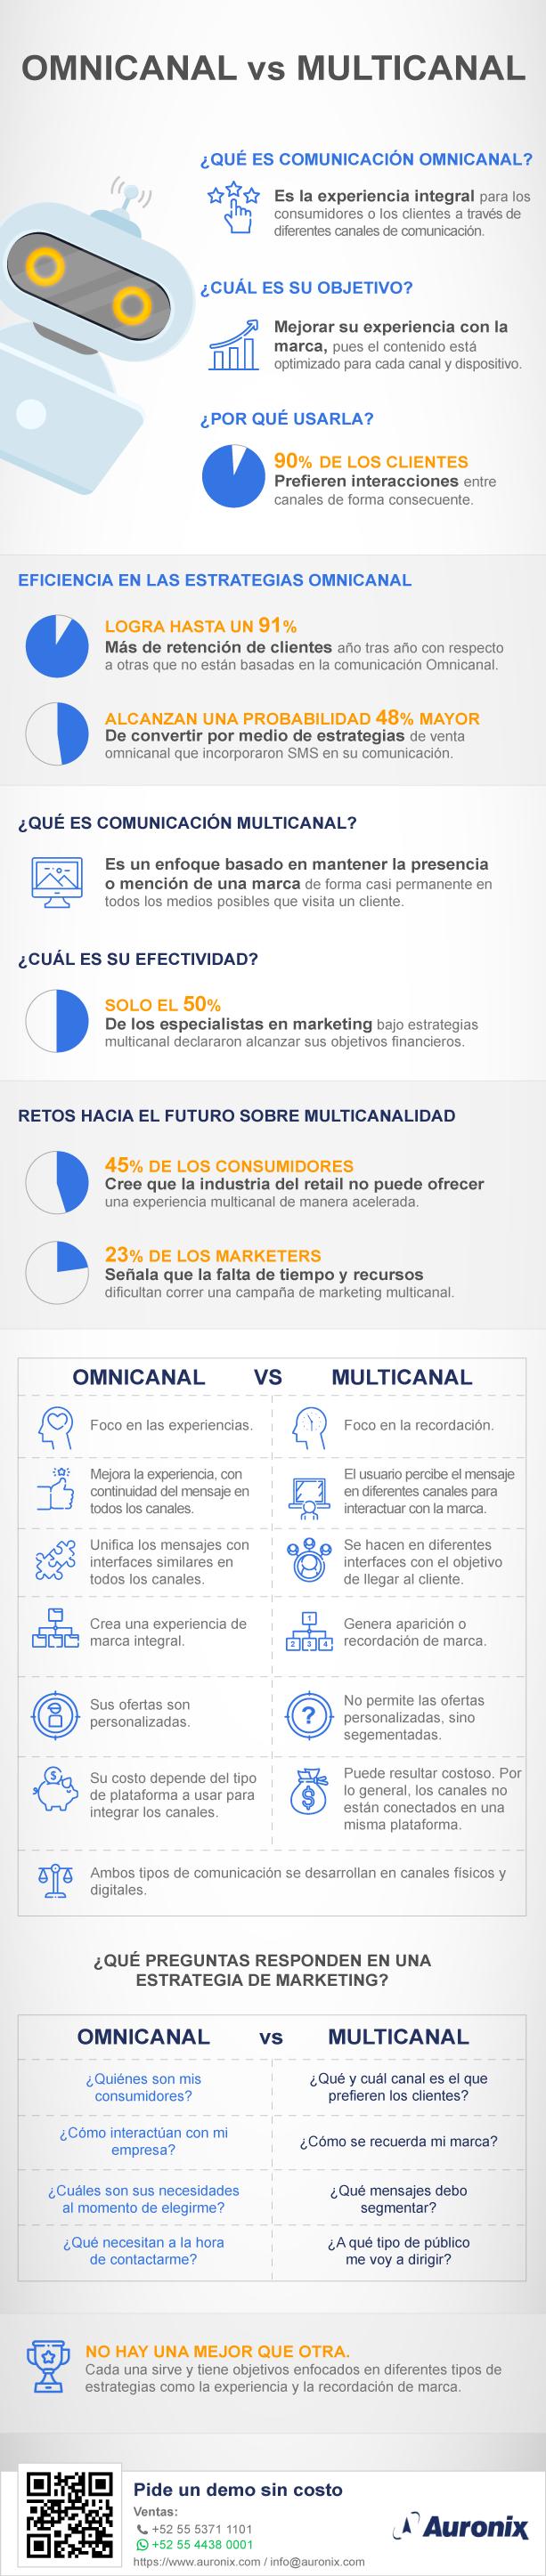 infografia-auronix-comunicacion-omnicanal-vs-comunicacion-multicanal